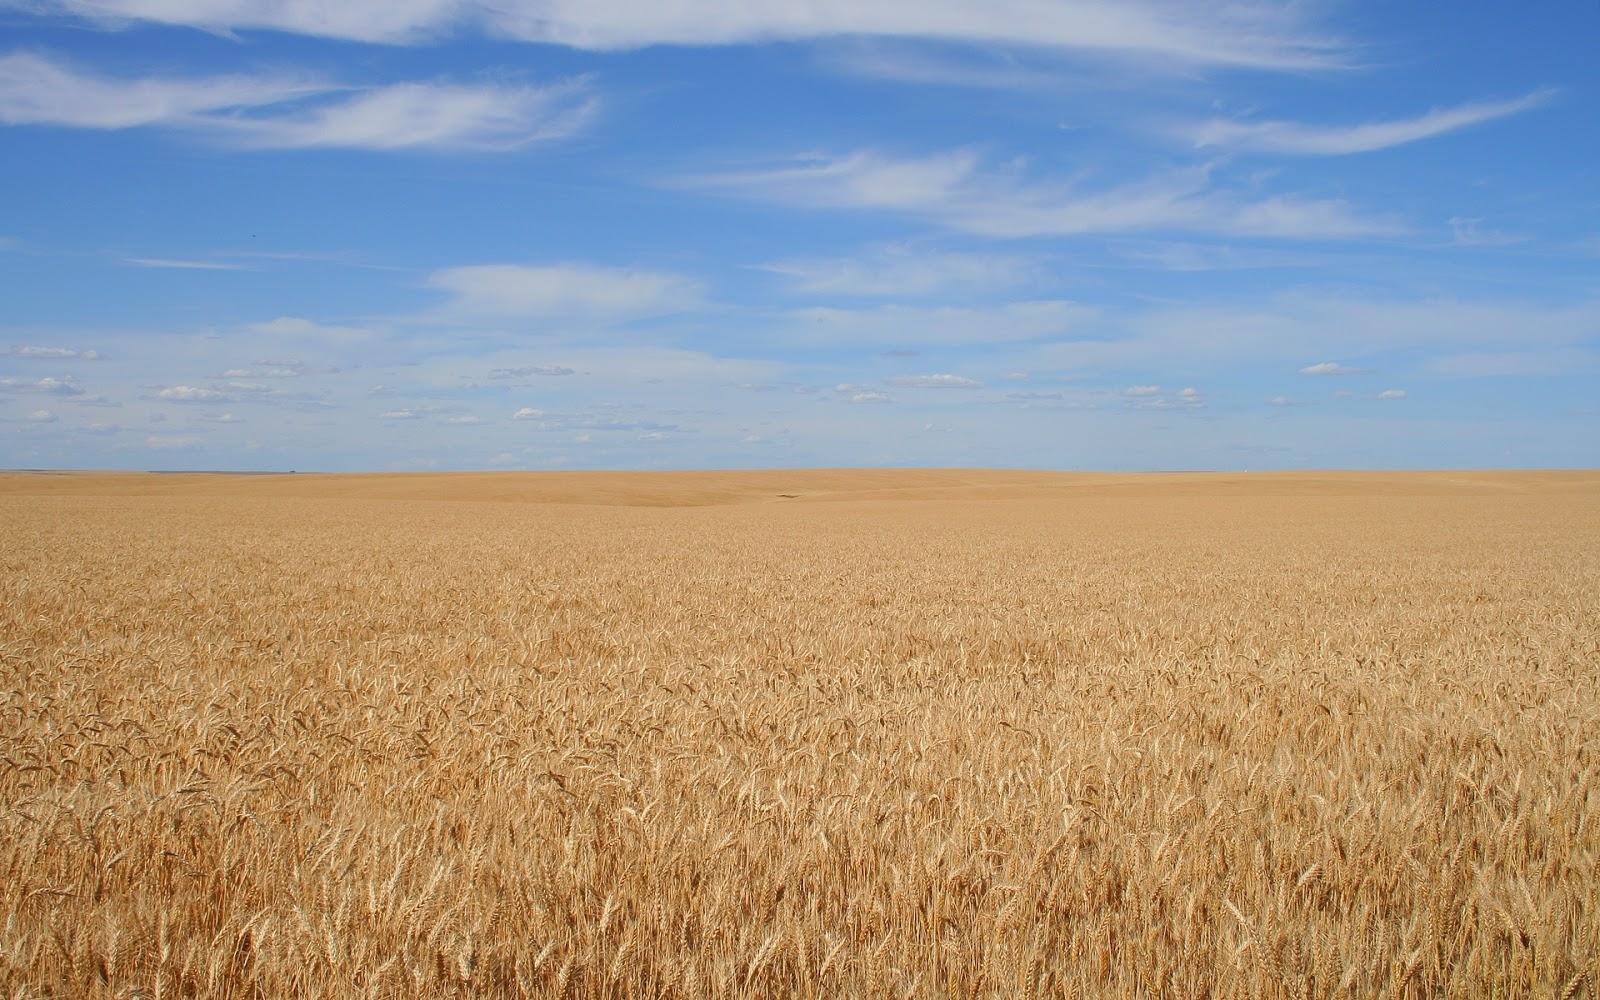 hình nền cánh đồng lúa mì trên thảo nguyên mênh mông